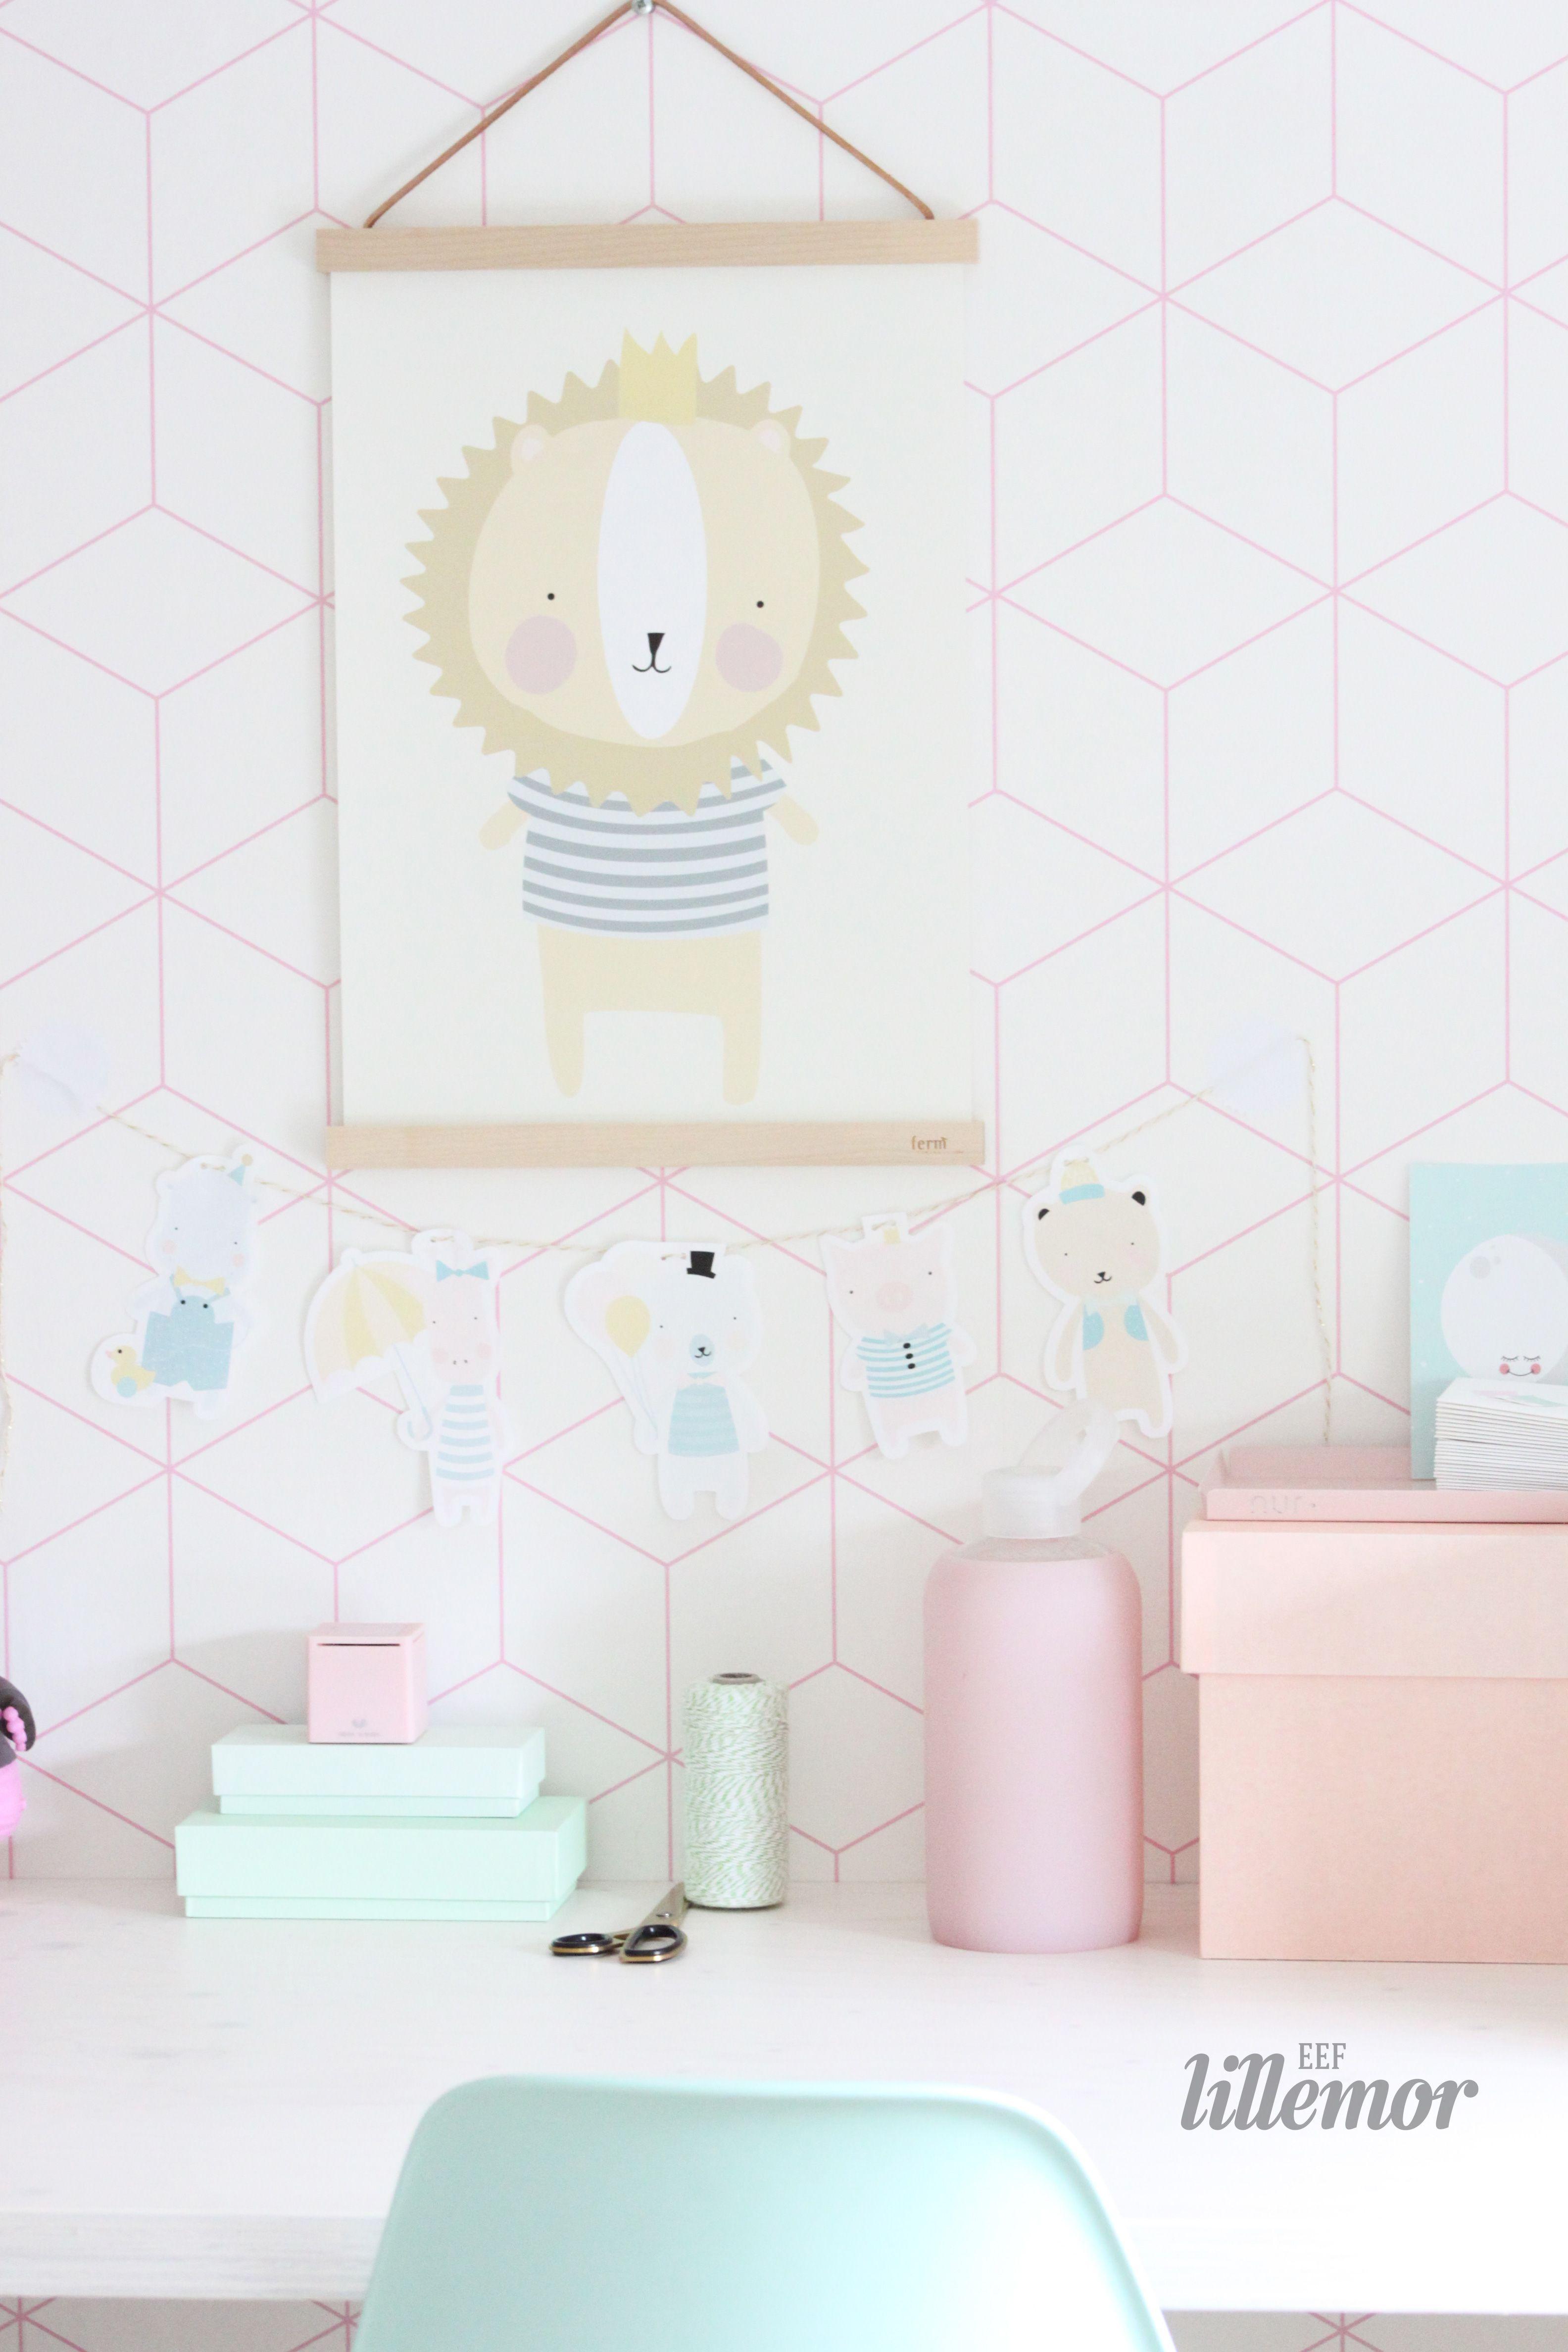 Détail Chambre Du0027enfant Pastelle Et Graphique #eeflillemor #prints #lion # Pastel #nursery #kidsroom